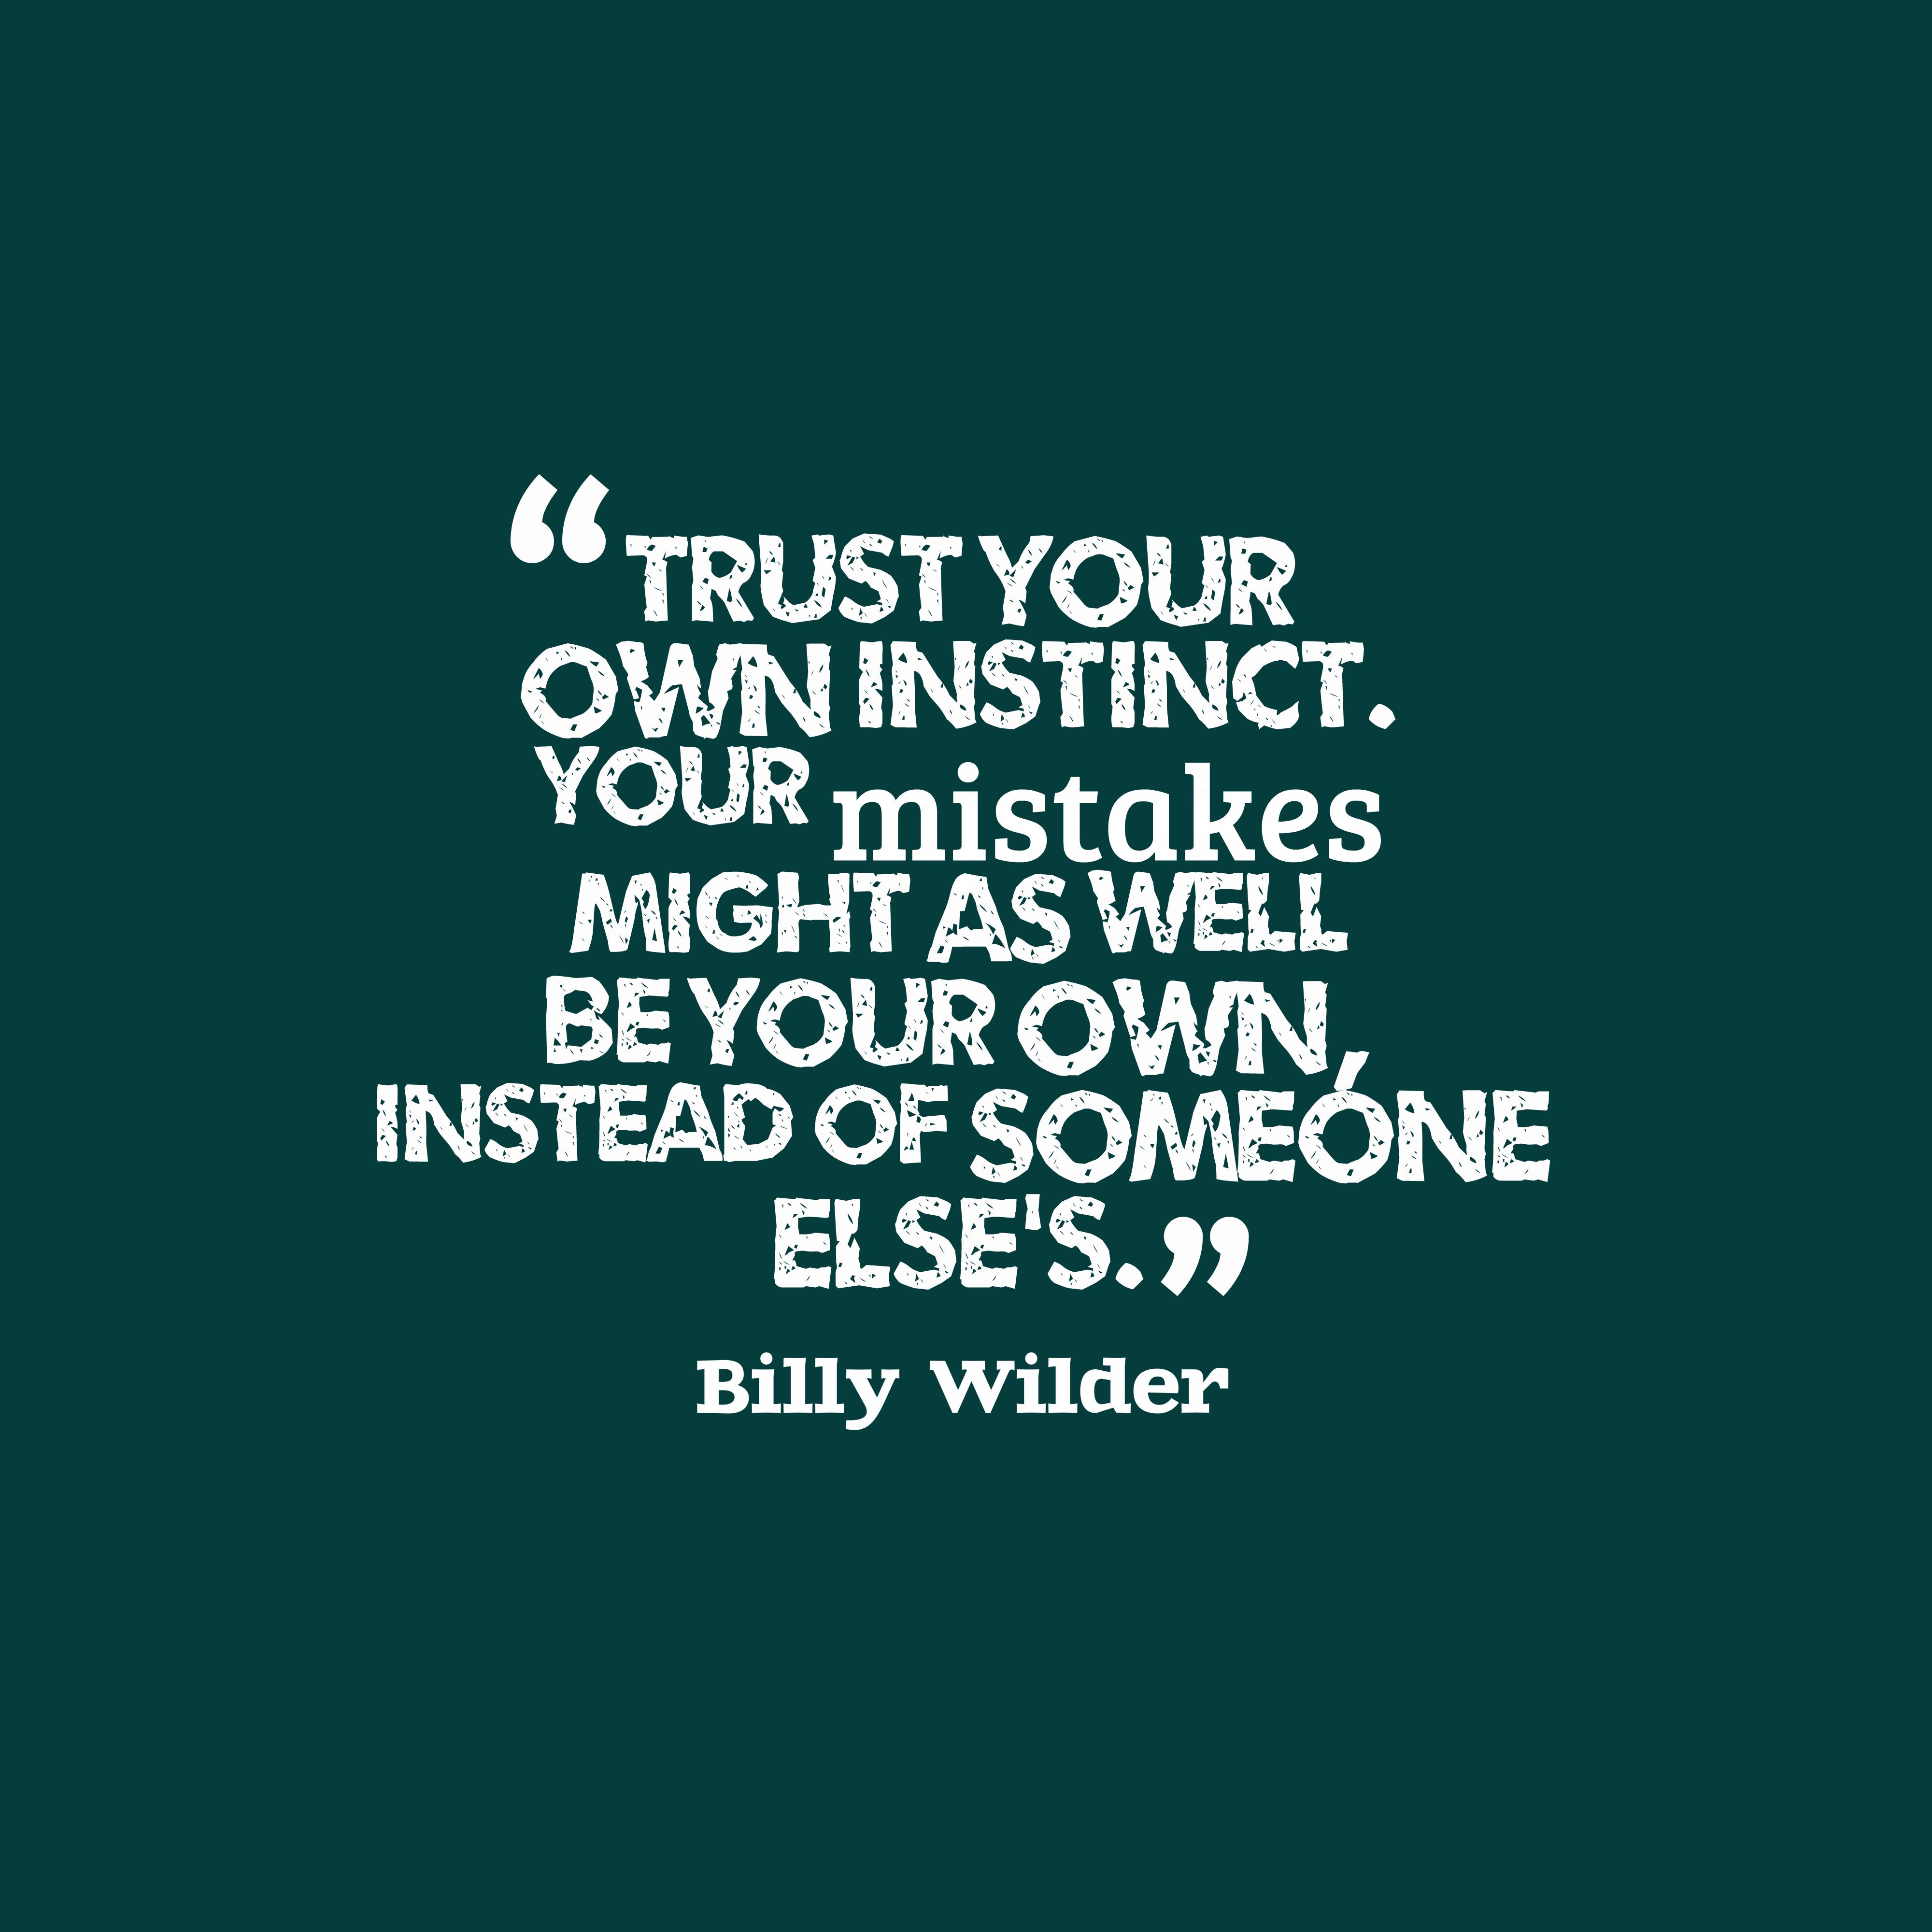 Billy Wilder Quote About Instinct